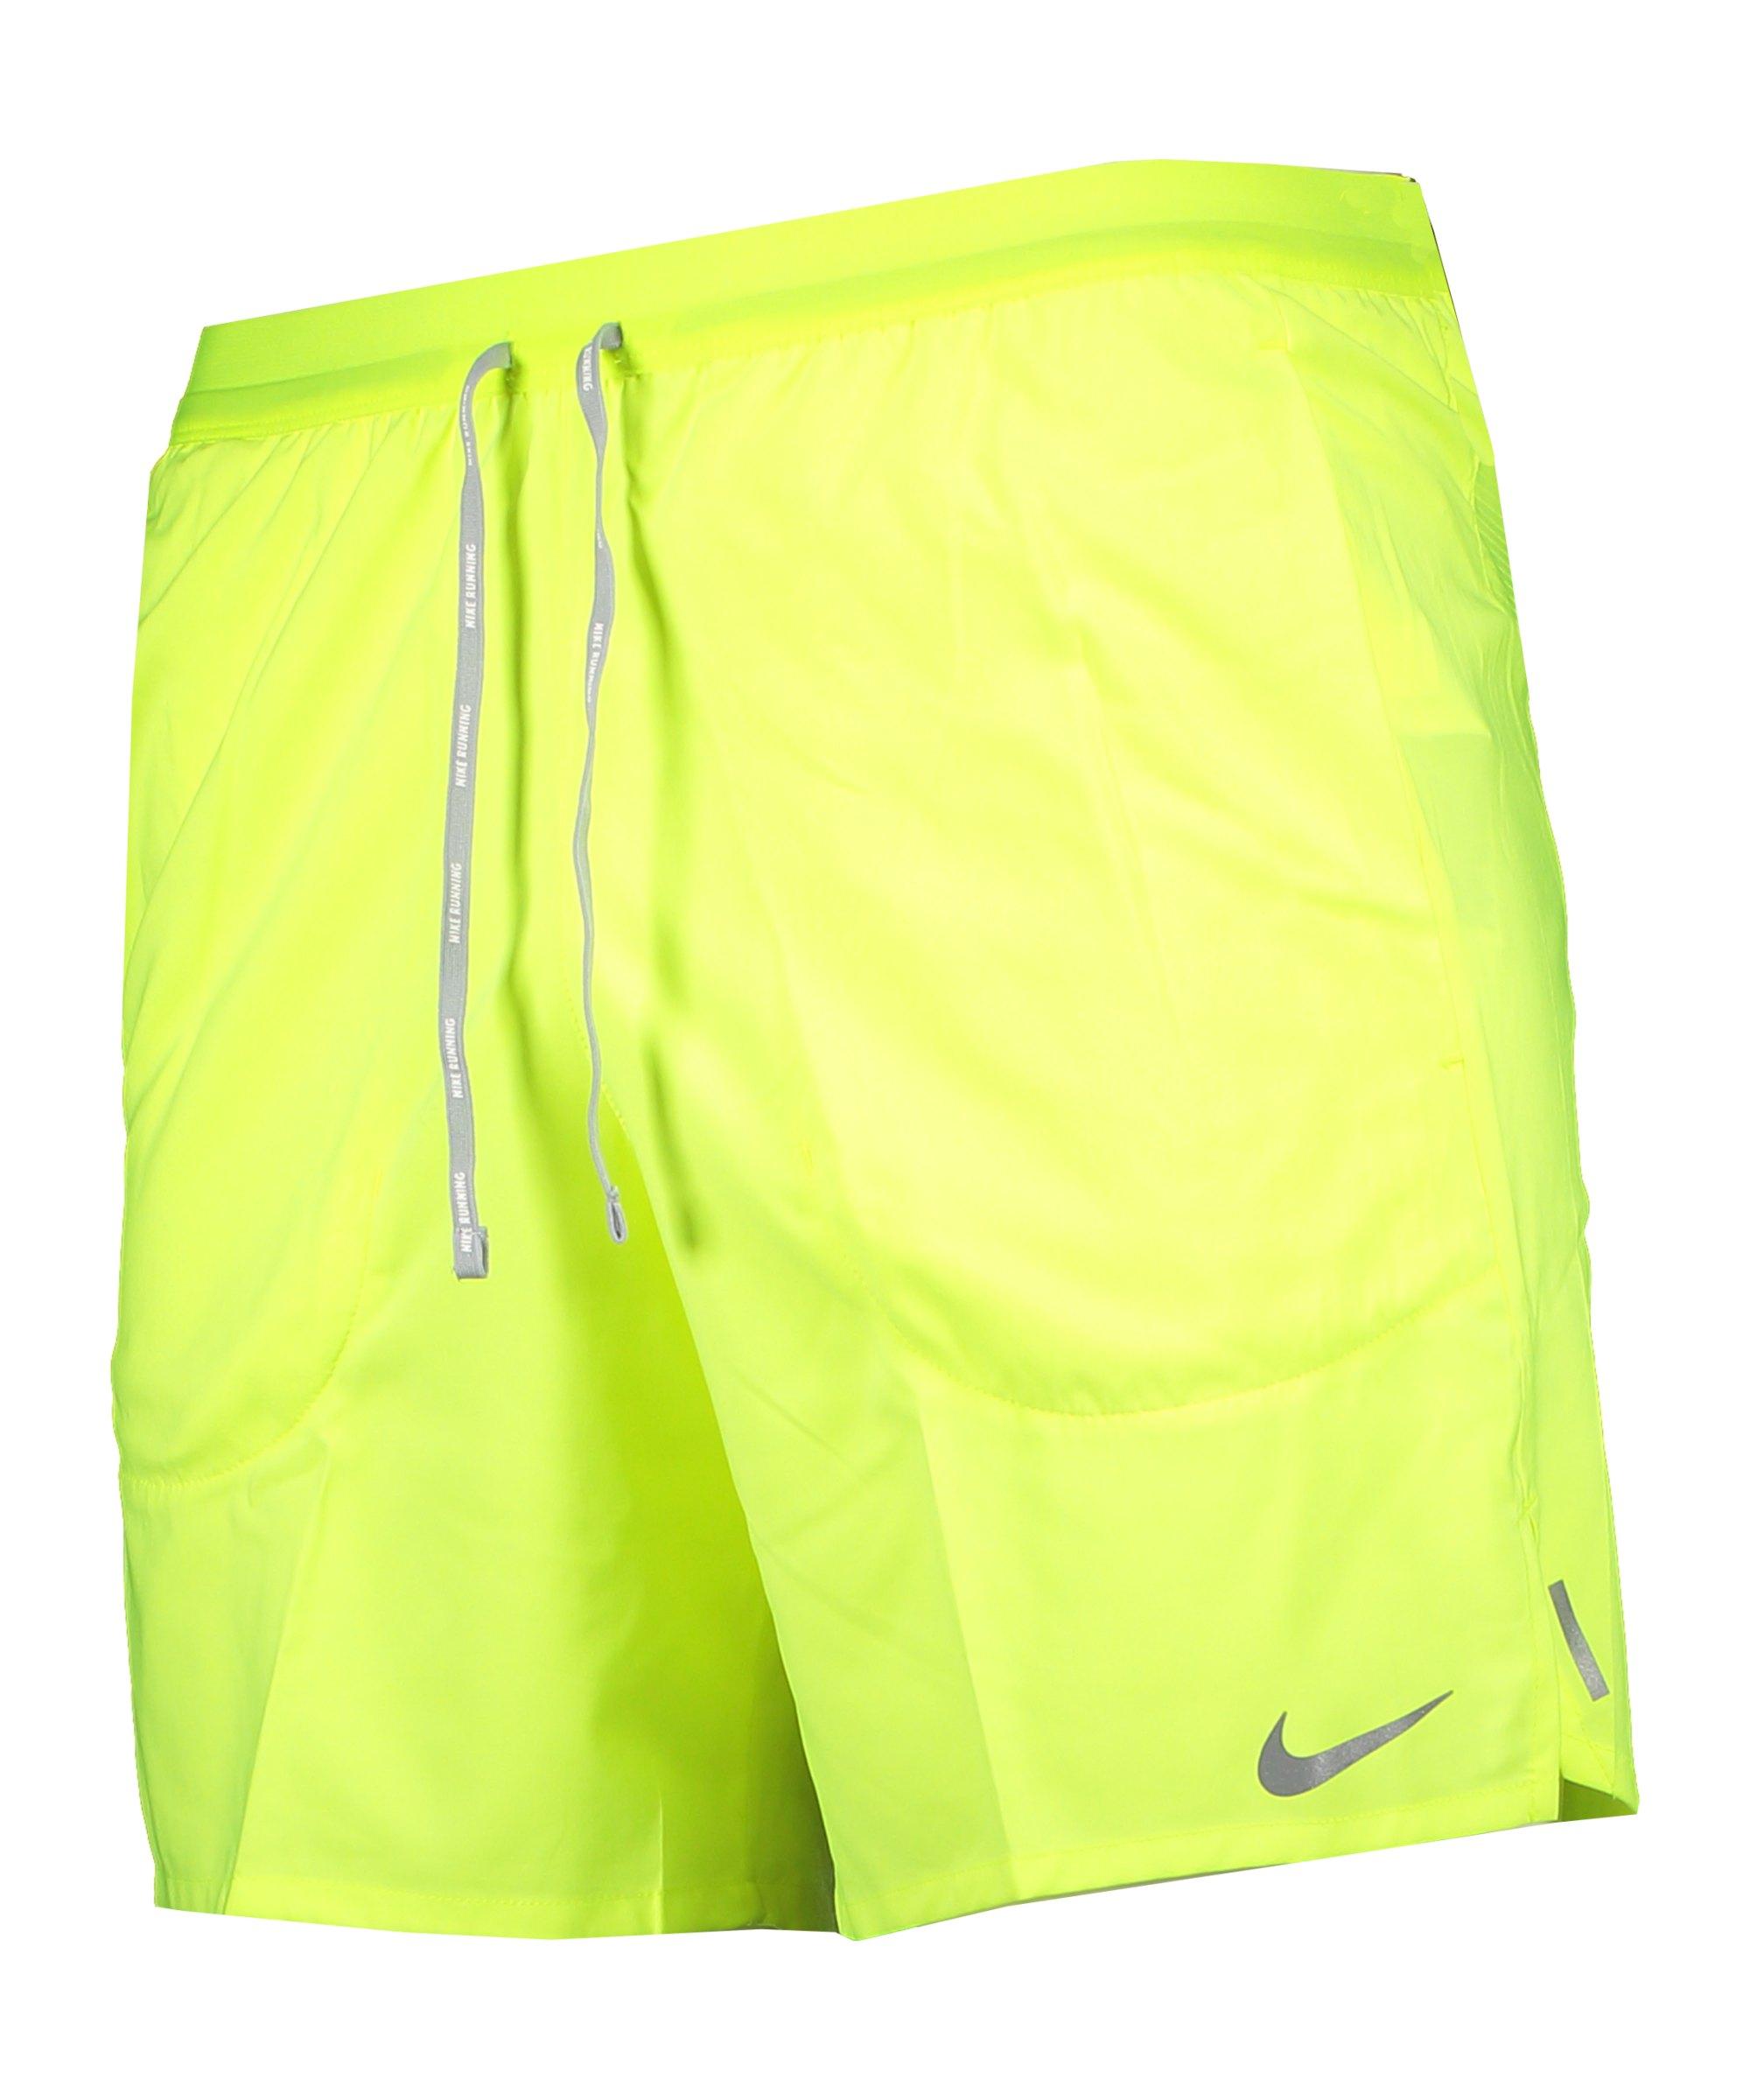 Nike Flex Stride 7in Short Running Gelb F702 - gelb